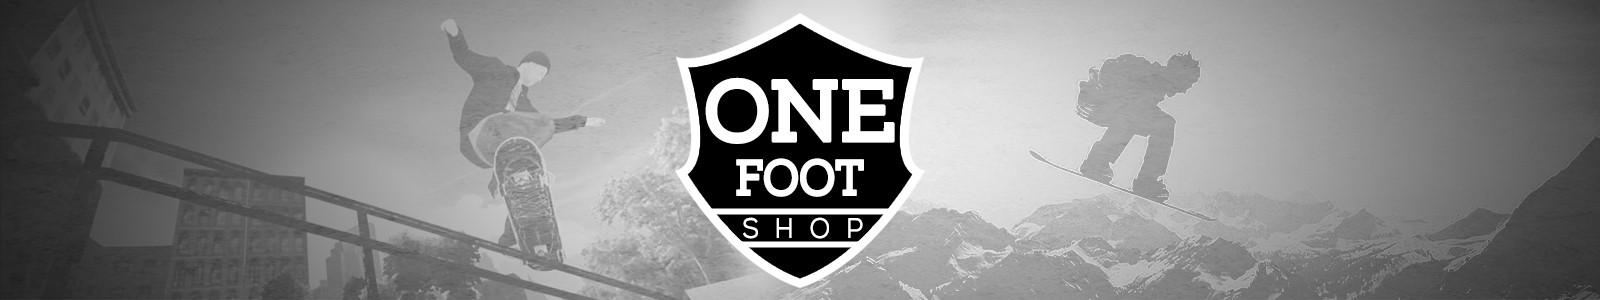 ONEFOOTSHOP.COM